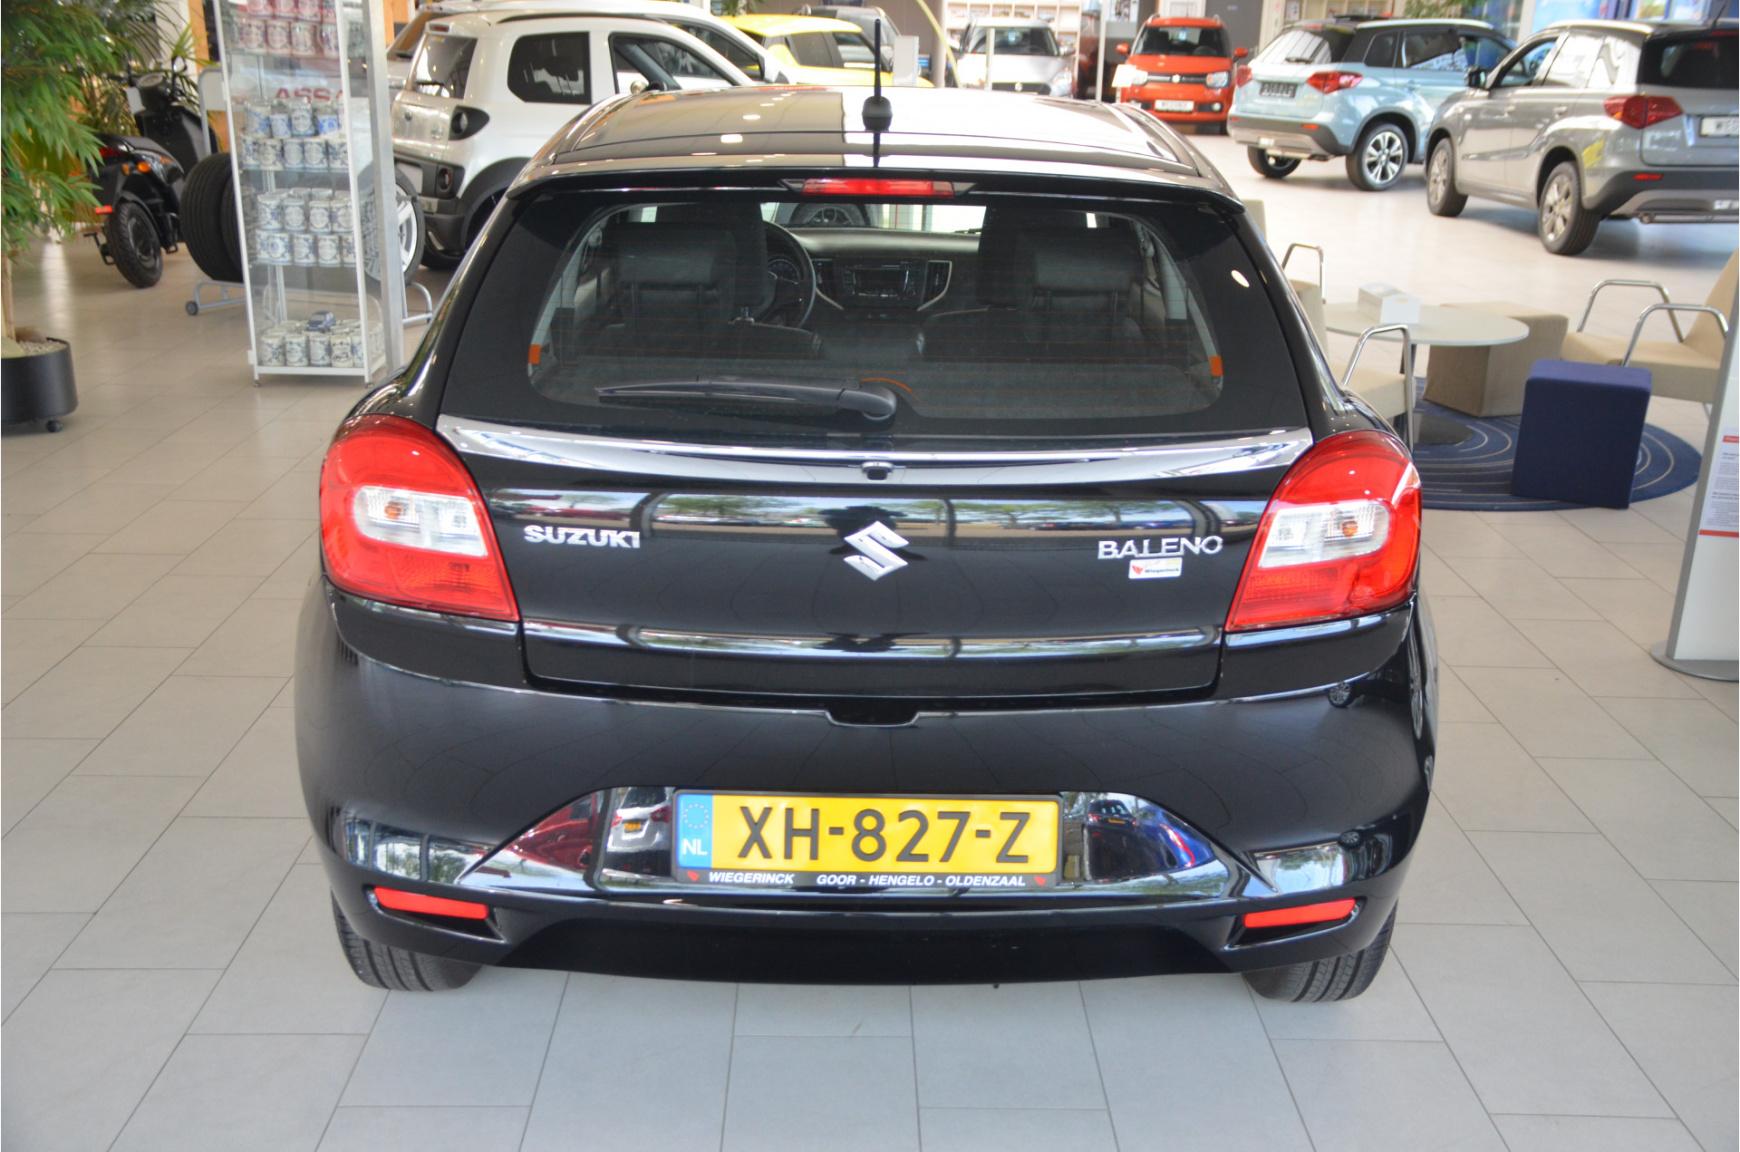 Suzuki-Baleno-5